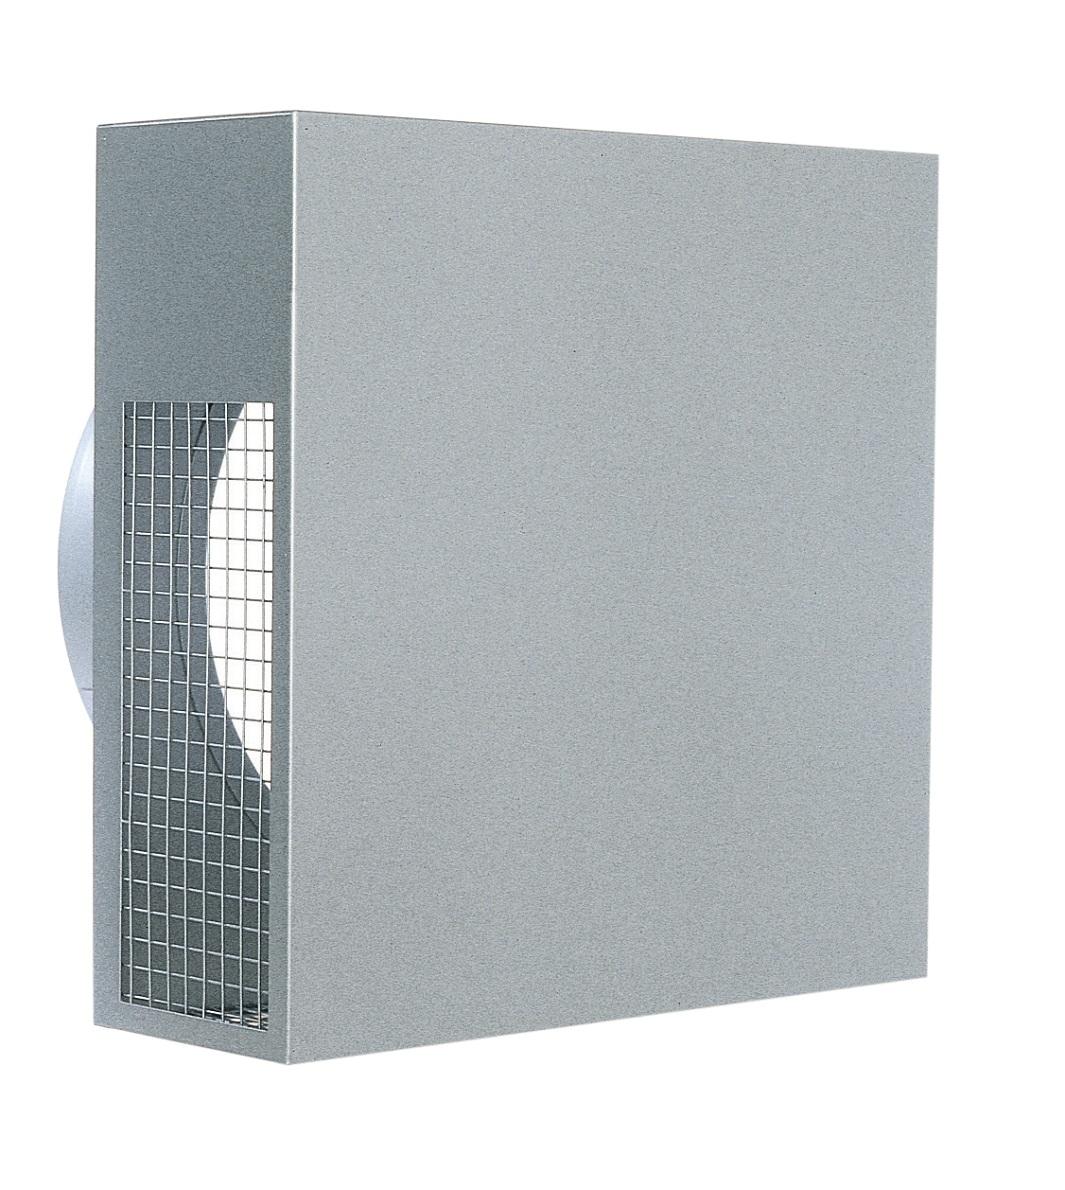 西邦工業 SEIHO KKN150SBL BL・外壁用ステンレス換気口(パイプフード) 金網型4メッシュ